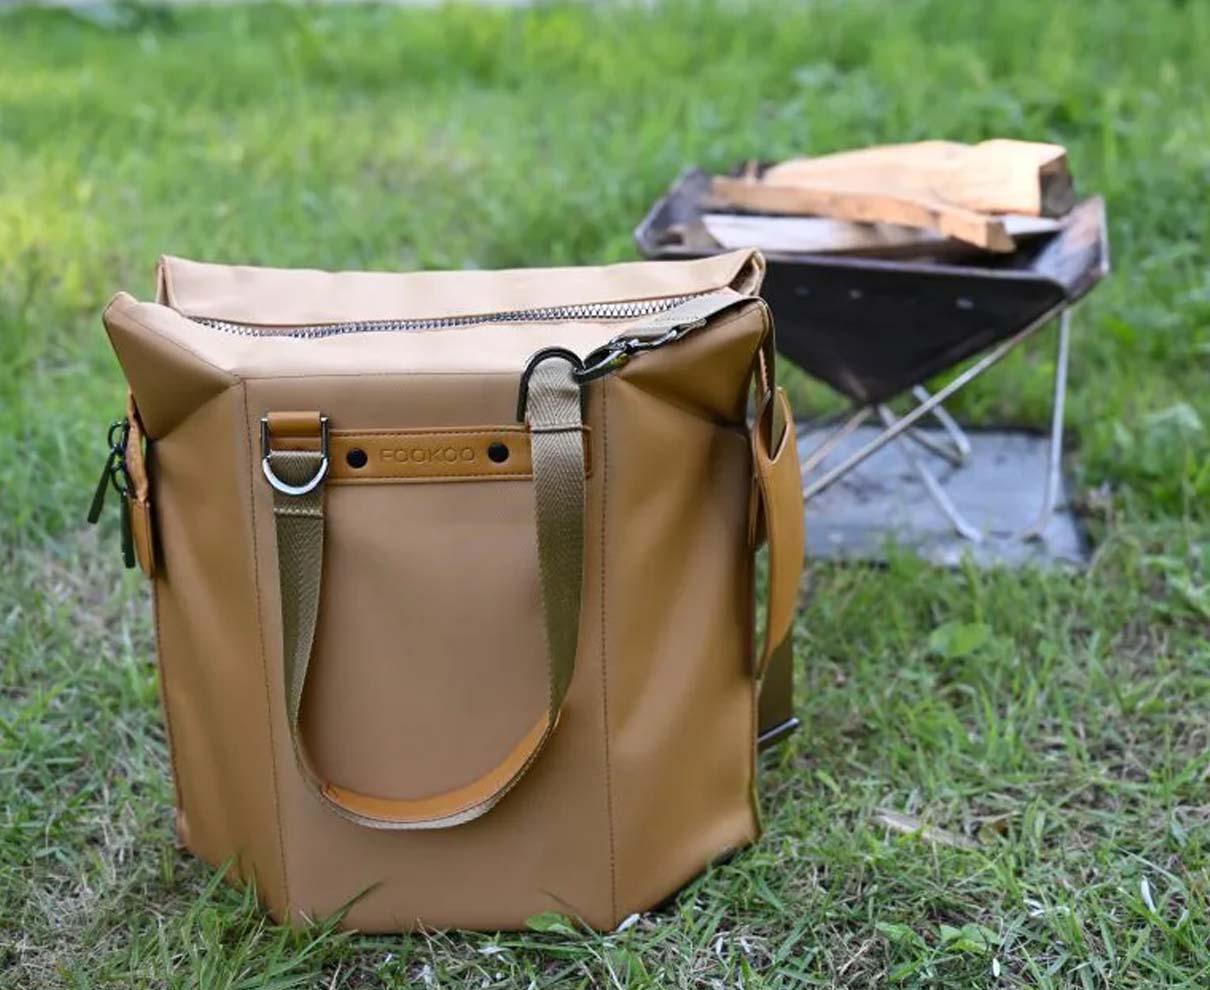 座れるトートバッグ「Chairbag」で薪を運び、焚き火を囲む